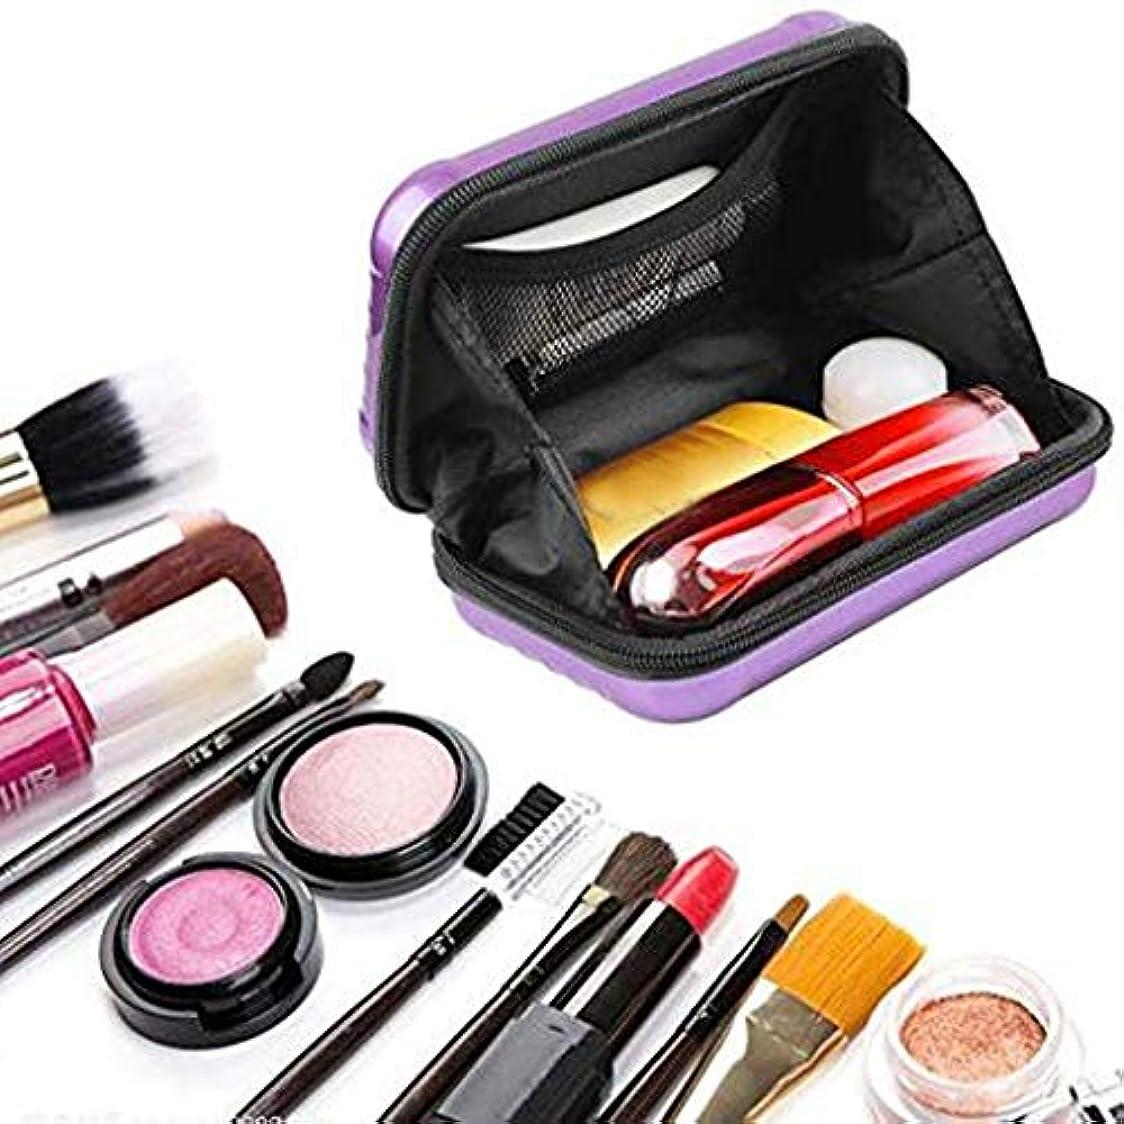 レンダー準備ができて円形のミニポータブル旅行化粧品バッグ、女性のための防水/クラッシュ防止化粧バッグ、スーツケース化粧品ハンドバッグ (紫の)